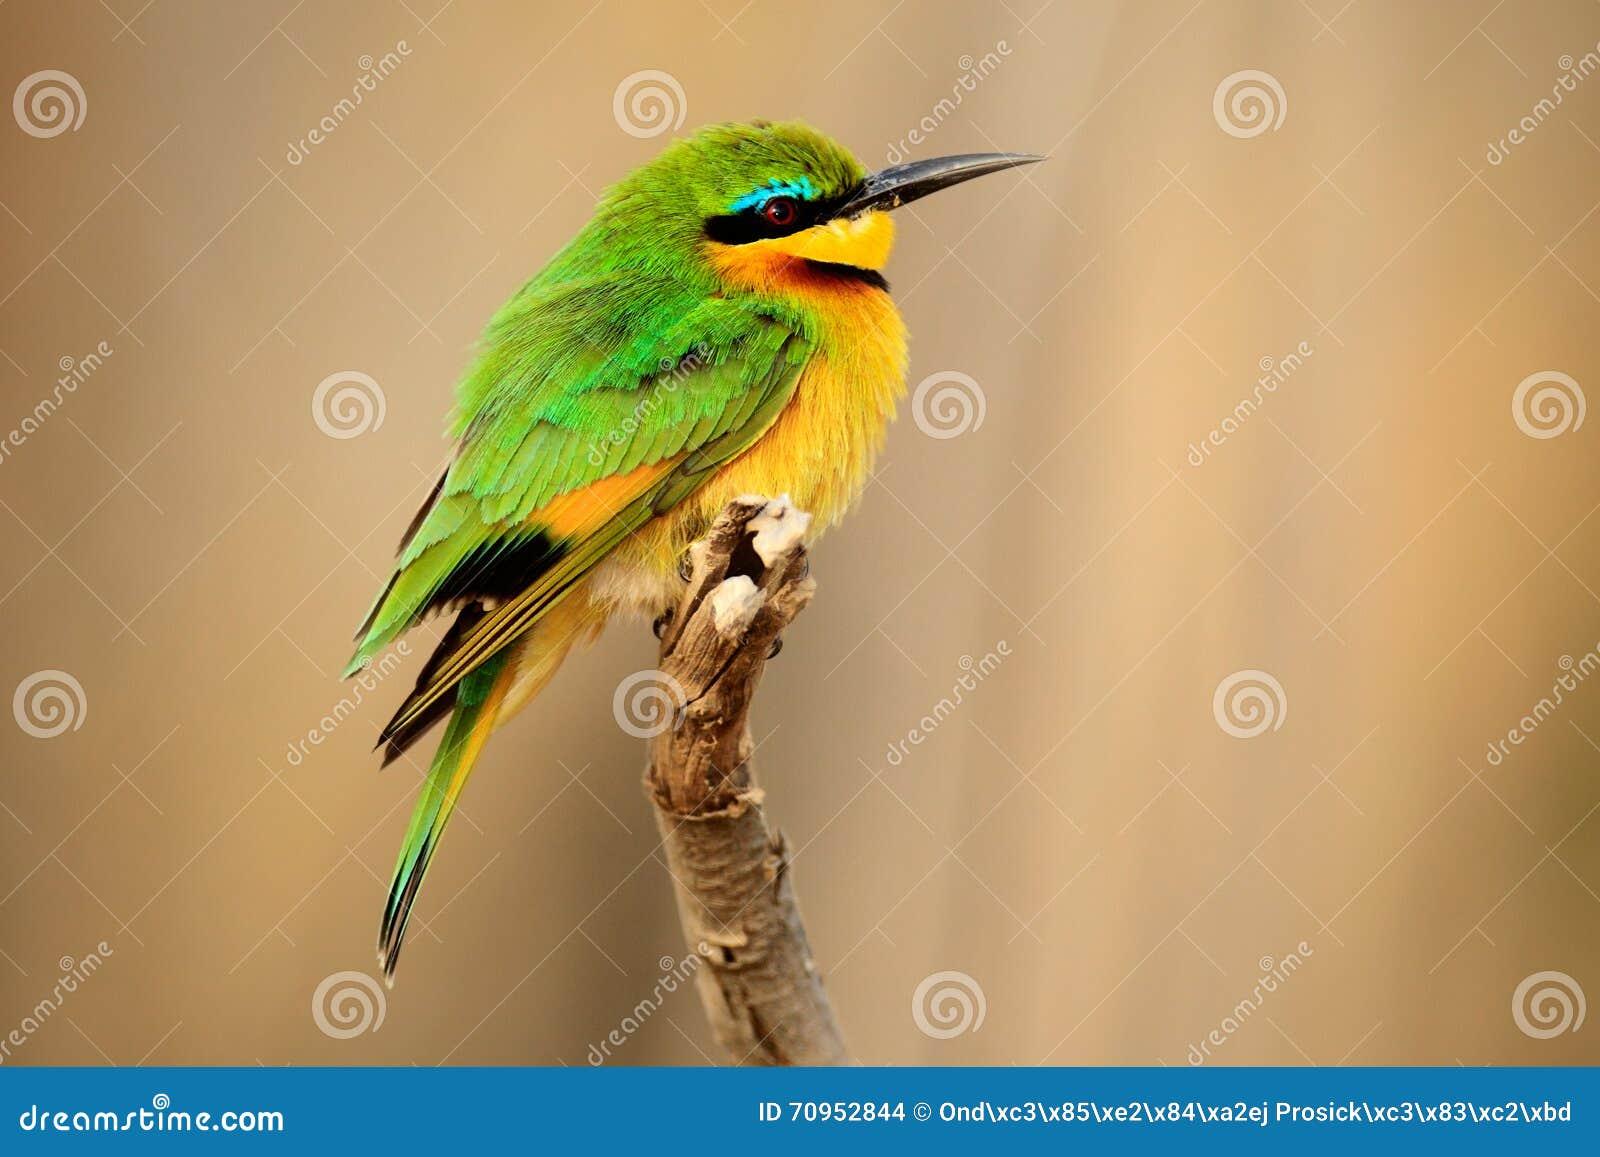 Petits abeille mangeur pusillus de merops d tail d for Oiseau vert et rouge